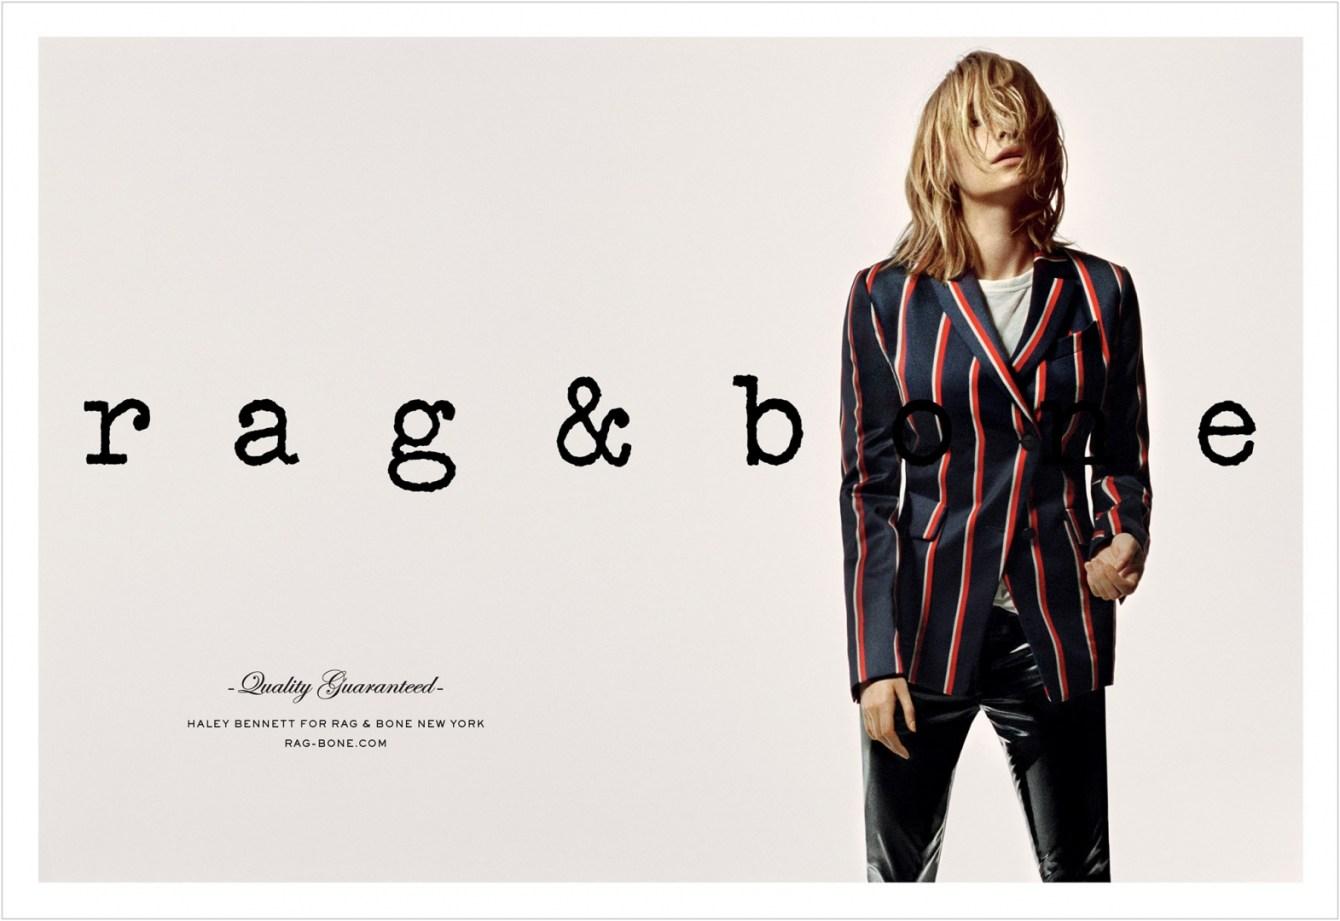 # 又一個跨國合作:美國知名設計師 Rag & Bone 將和 日本古著品牌 Bonum 聯手推出限定聯名系列 18